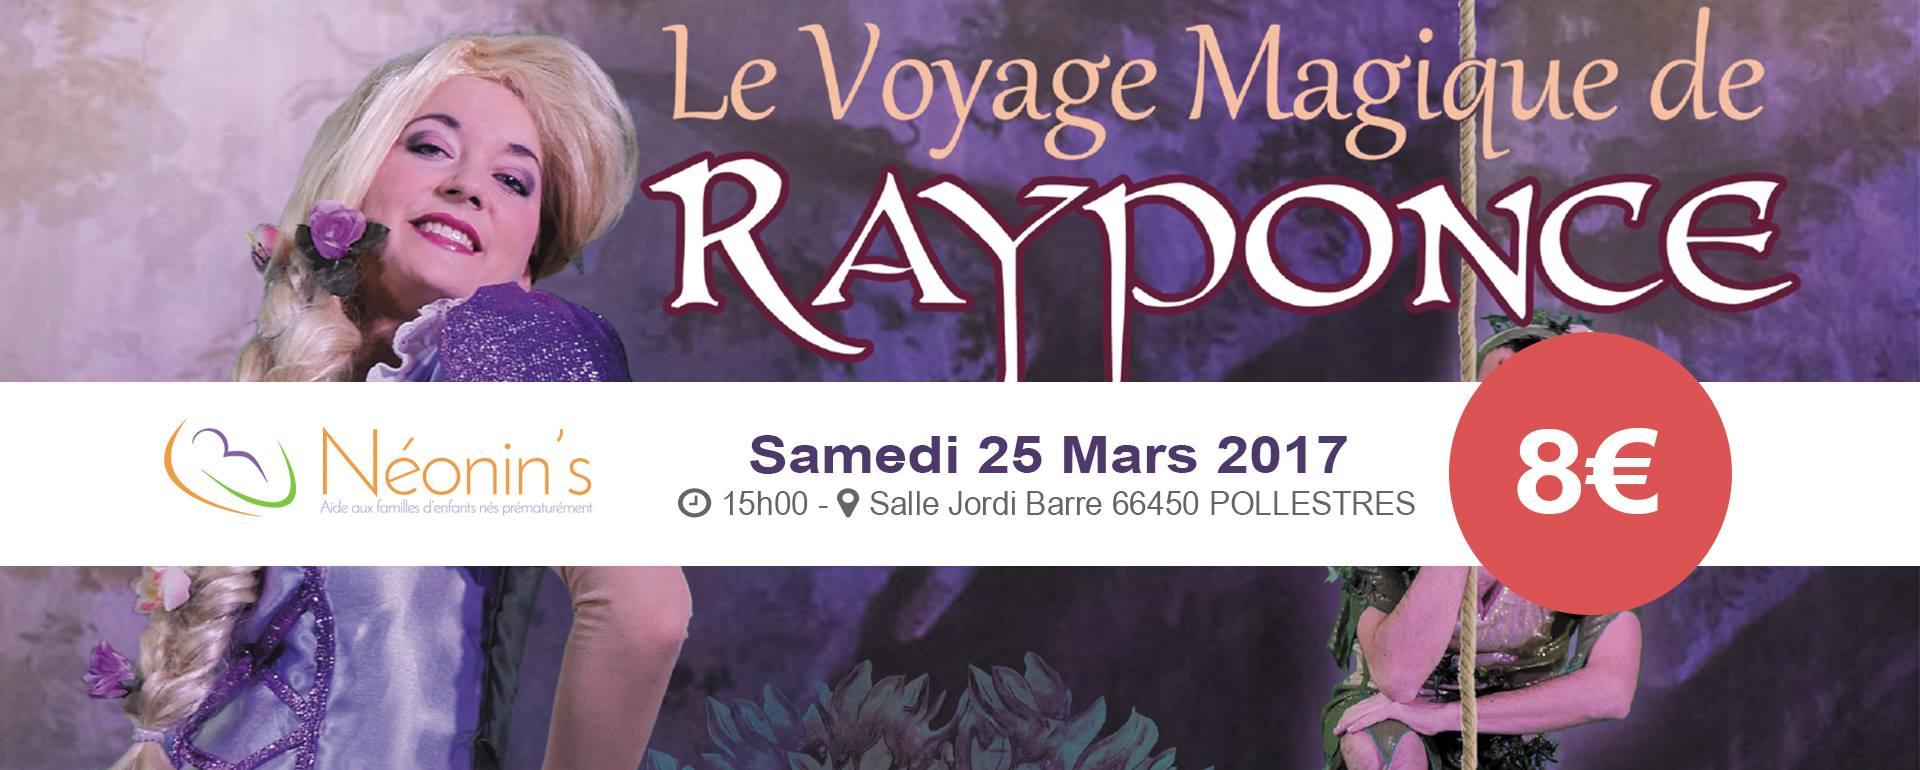 Le voyage magique de Rayponce